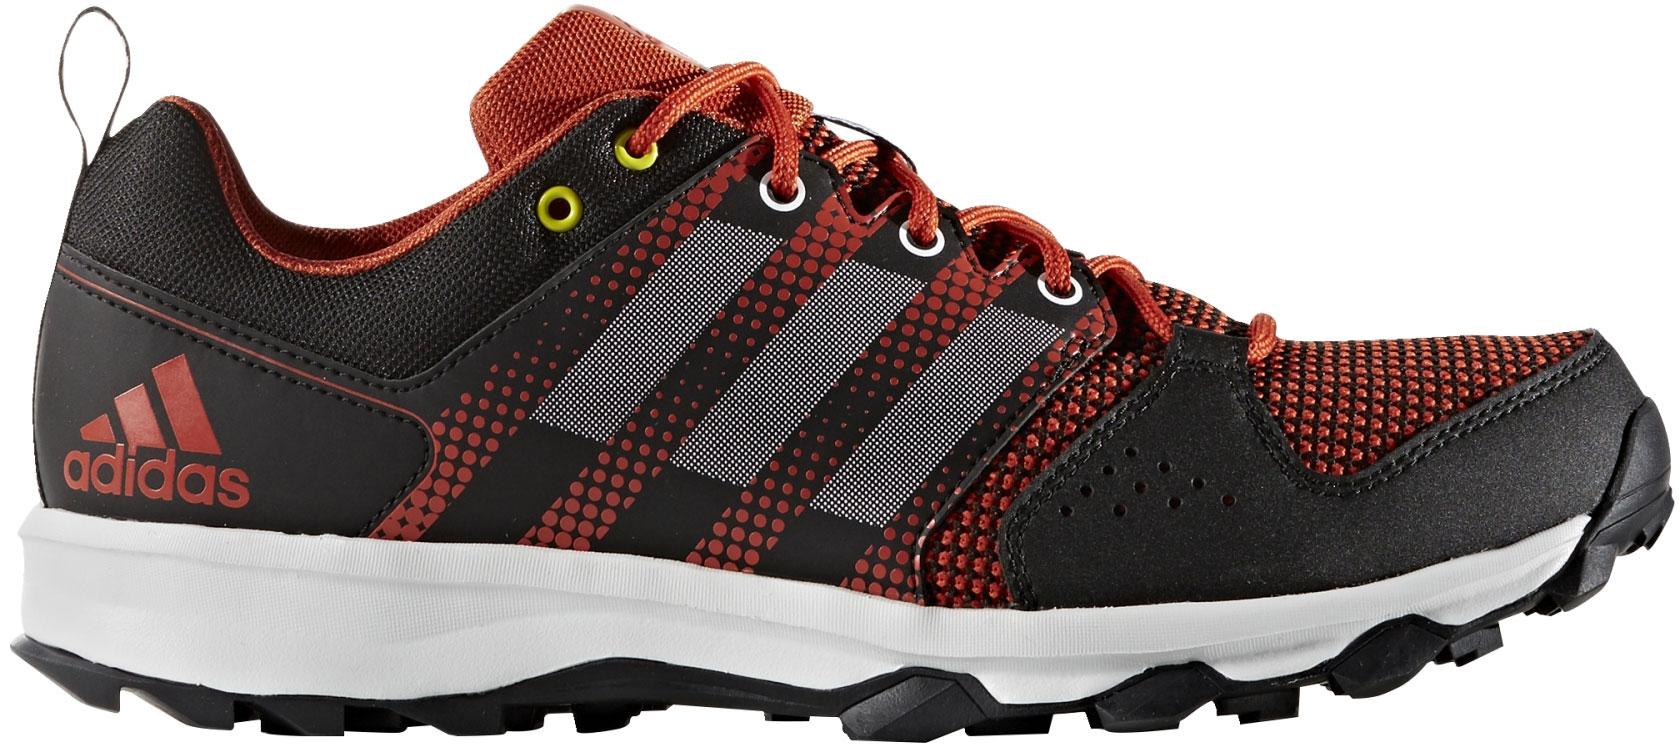 Adidas Trail Shoes